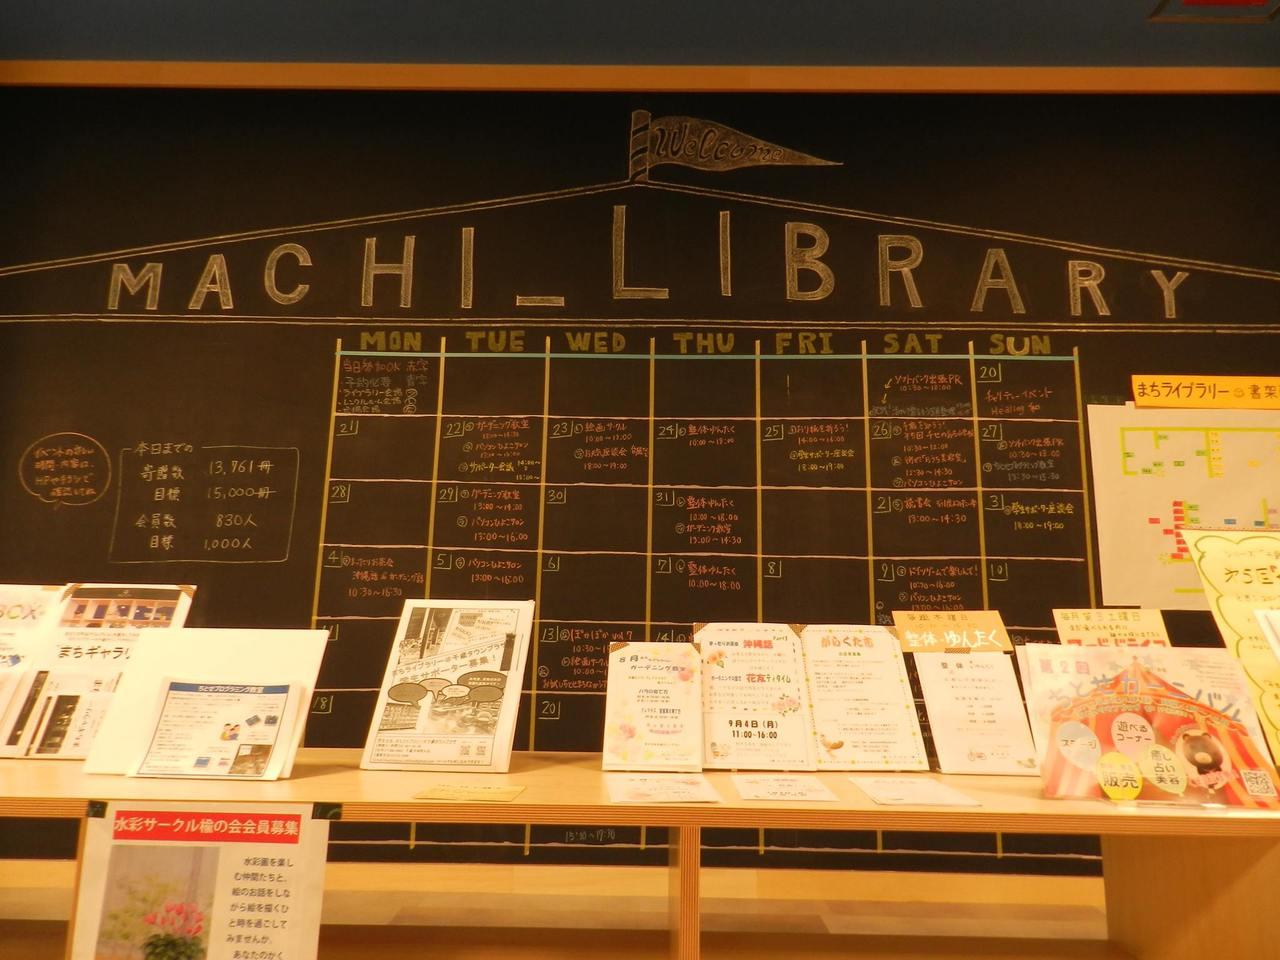 北海道ブックフェス 第6回コト森哲楽cafe 第3幕 千歳市 (9/23) 札幌